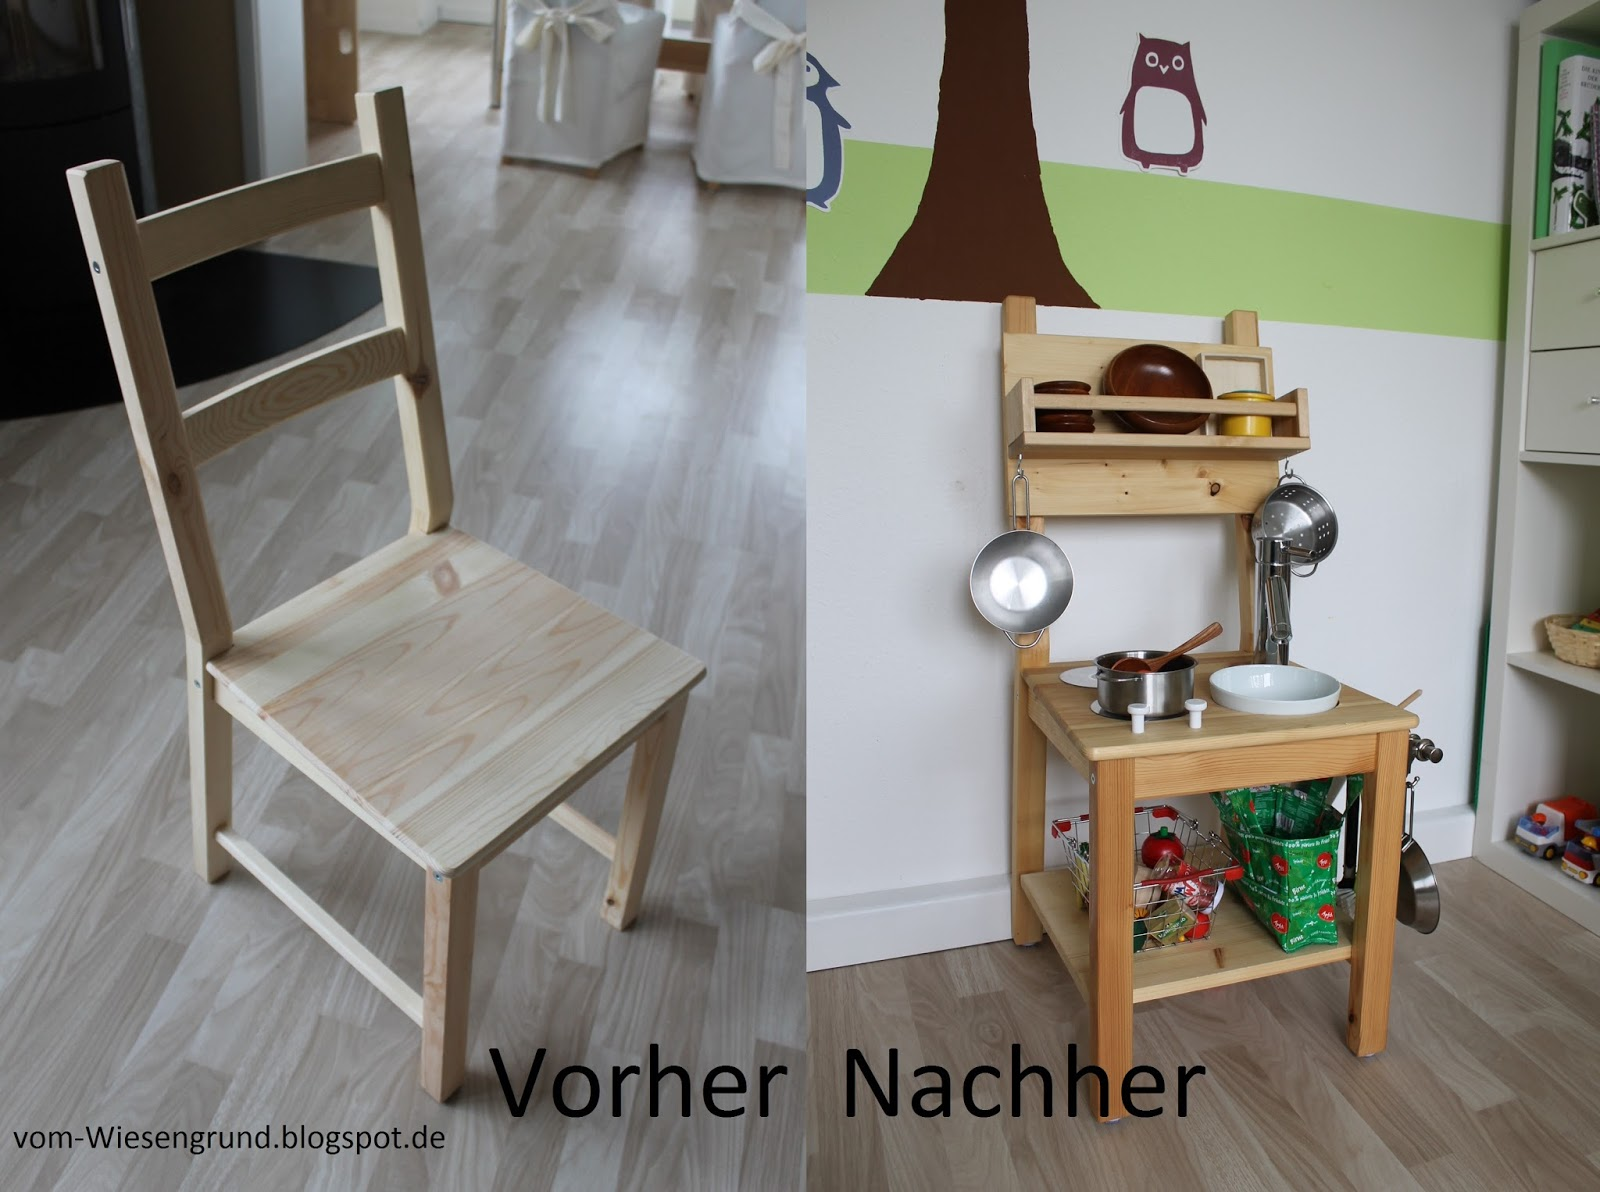 Vom Wiesengrund Kinderküche selbst gebaut